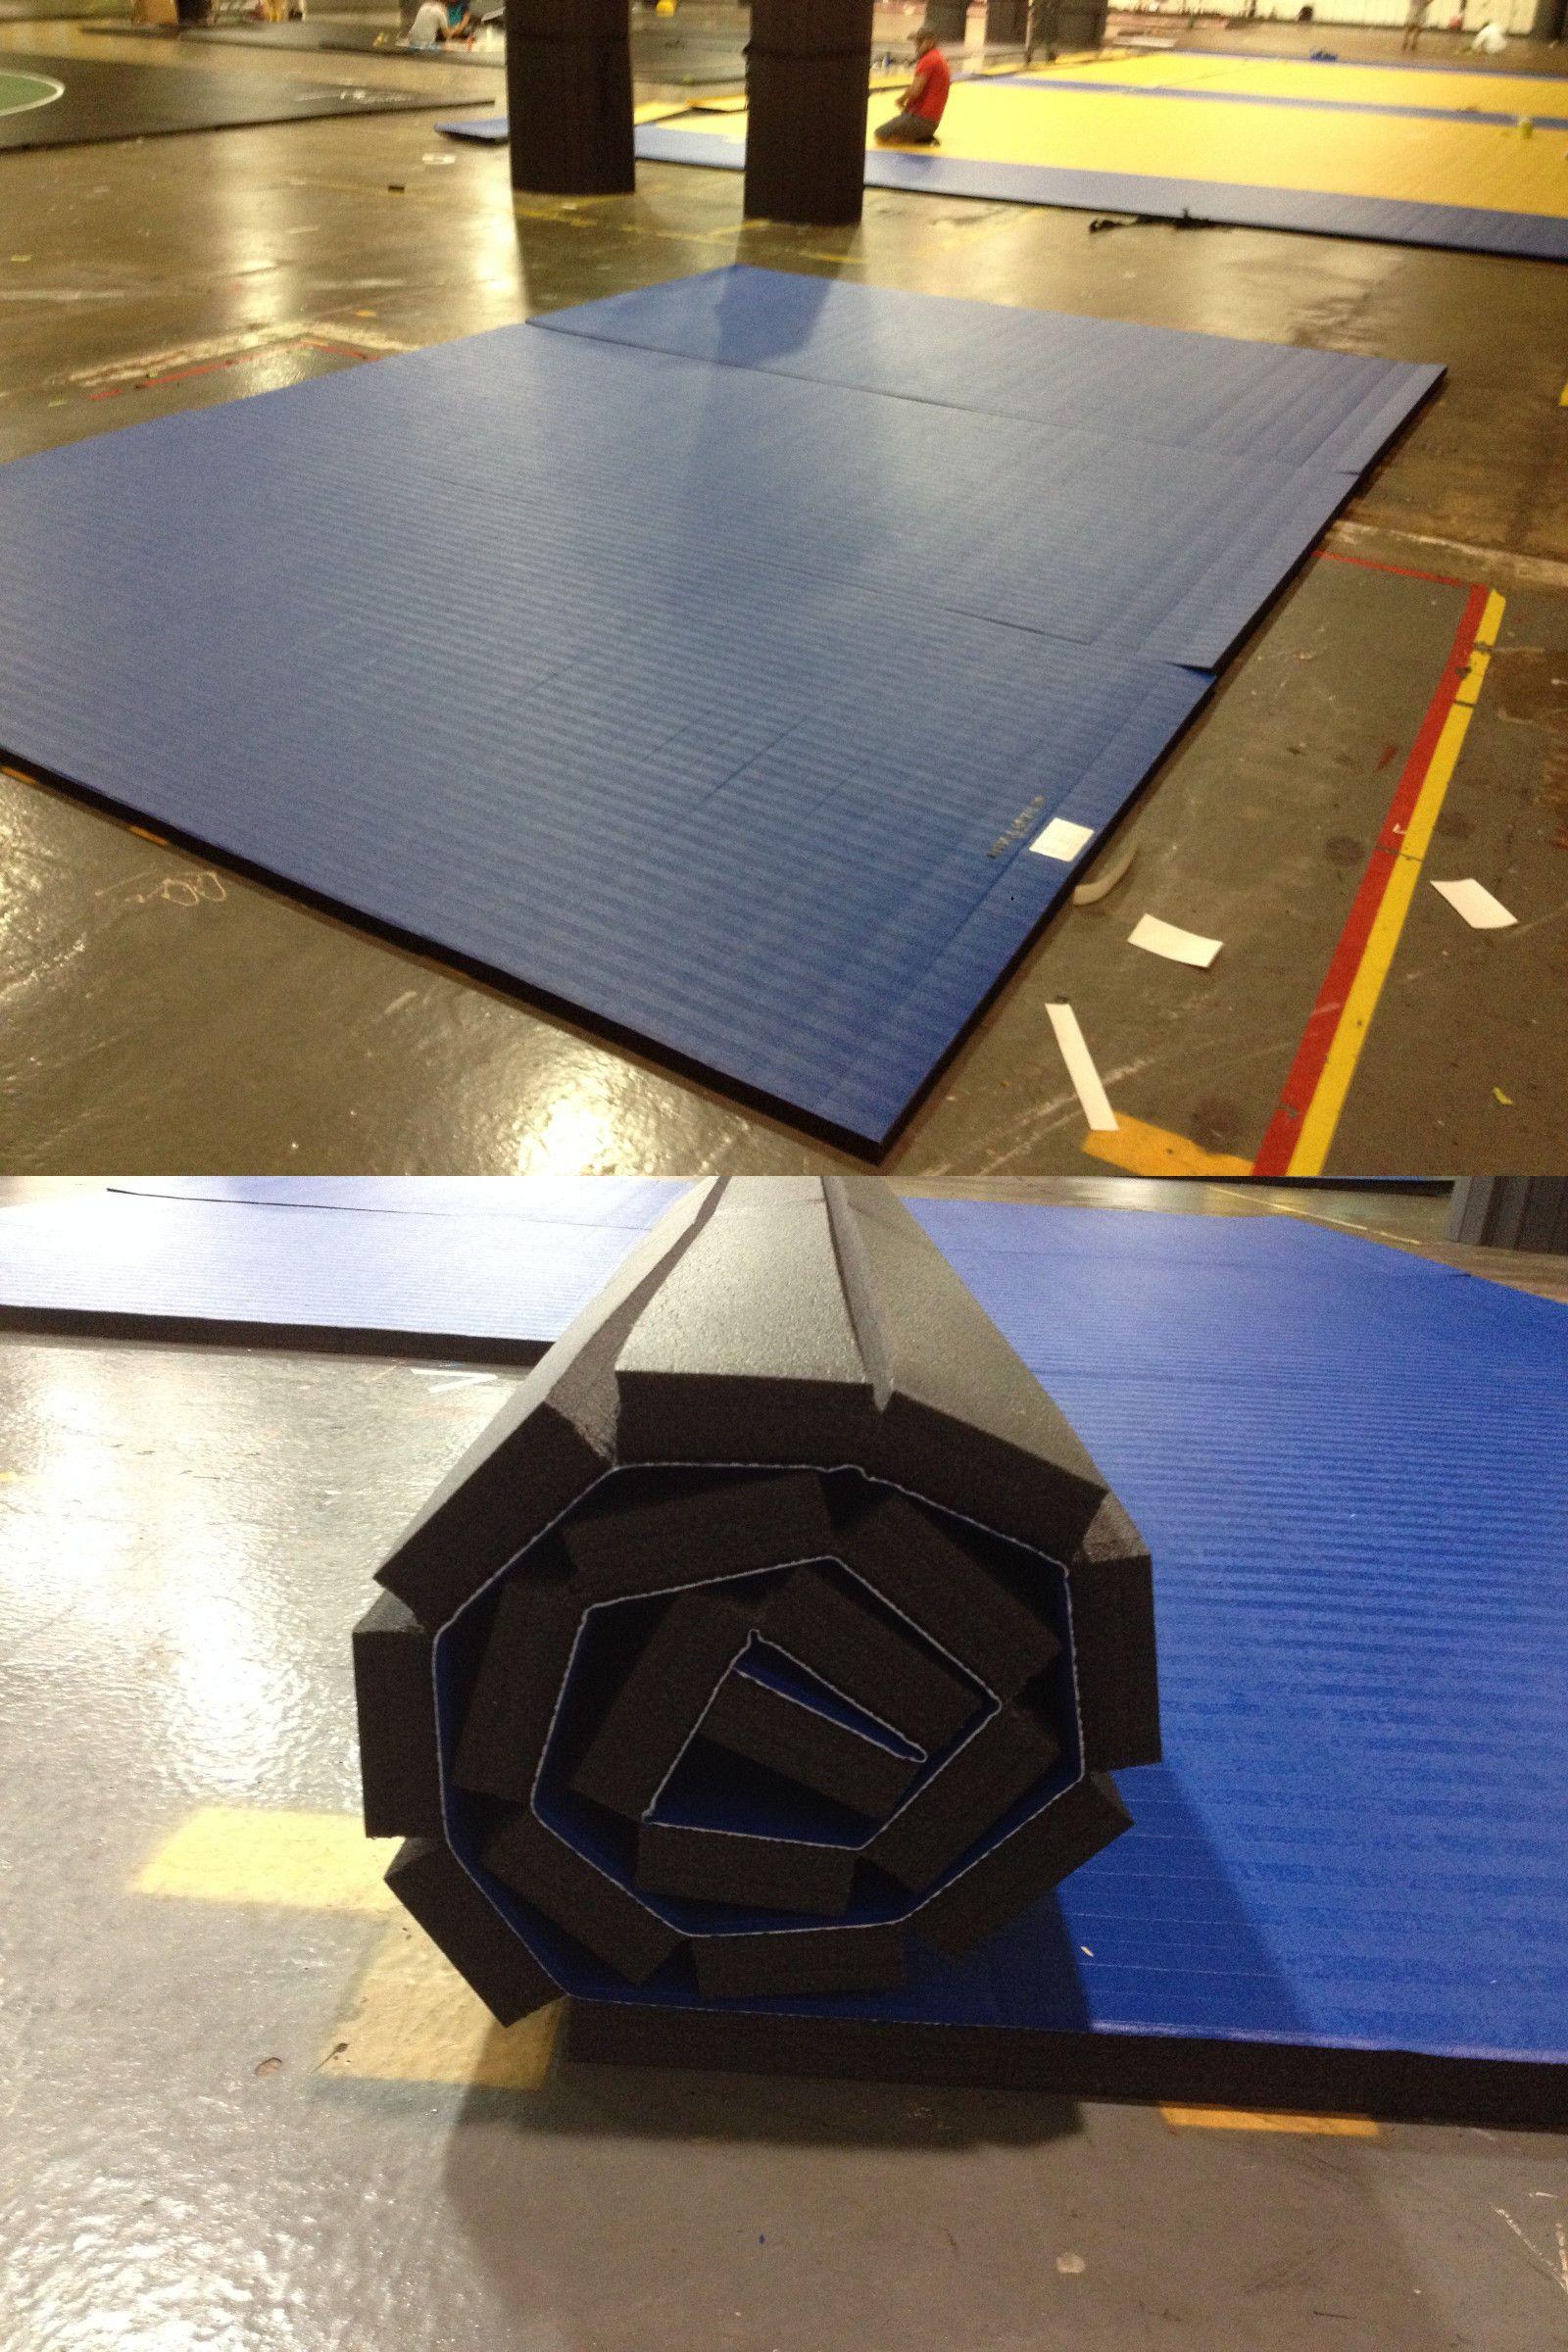 mats waverley mat product roller and district netball association tape foam